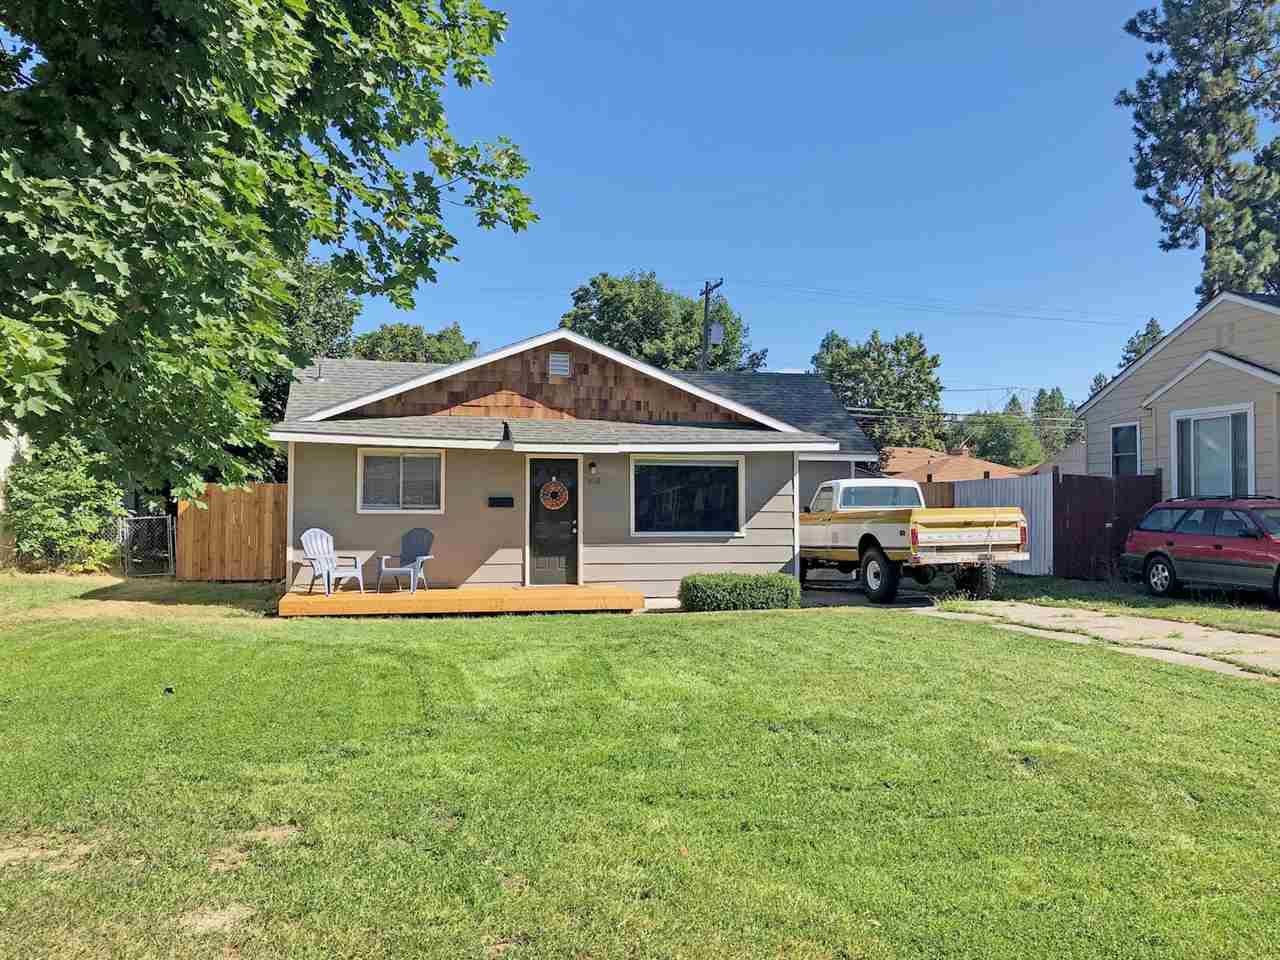 3618 W Princeton Ave, Spokane, WA 99205 - #: 202022210